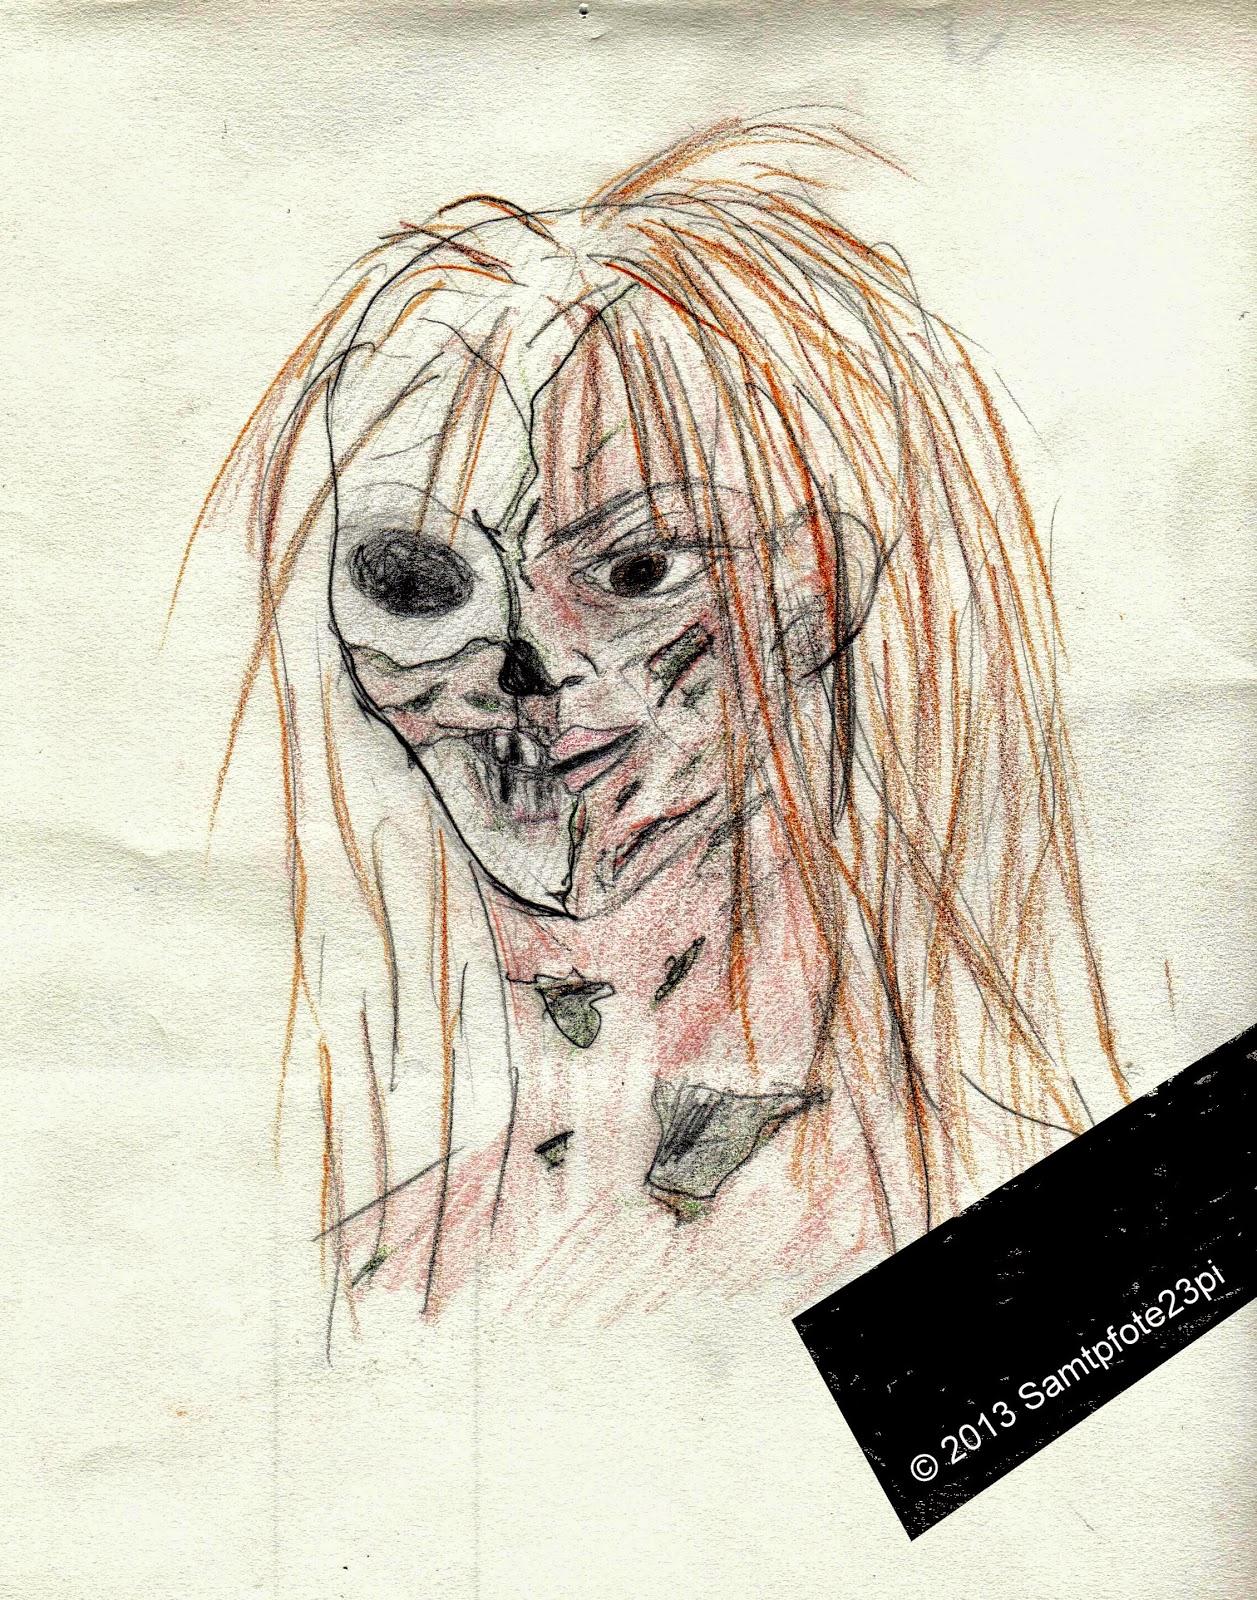 Bild Zombie, © 2013 Samtpfote23pi@gmail.com